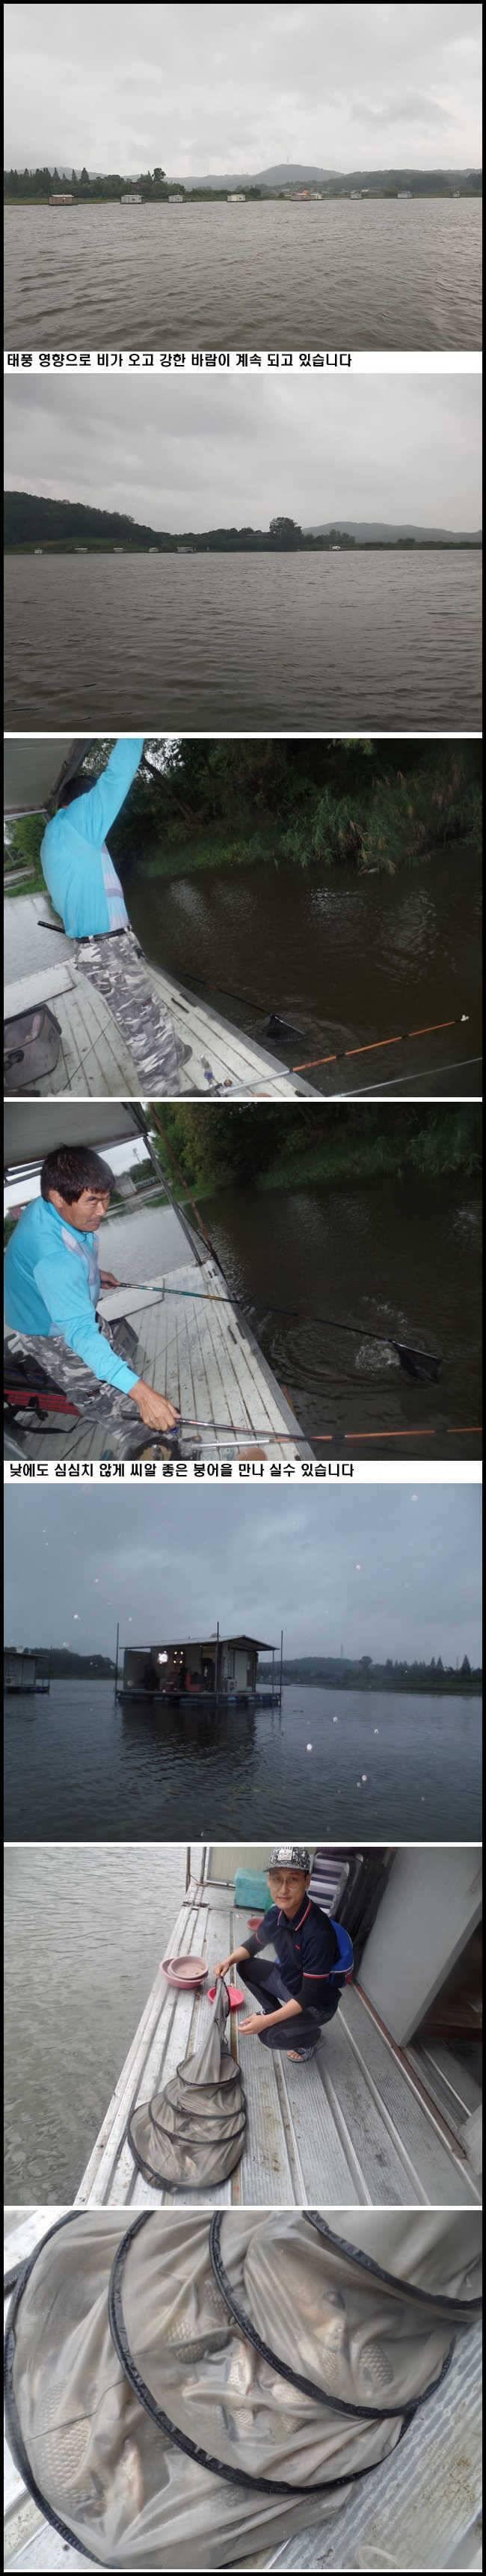 fish_pay_10210684.jpg